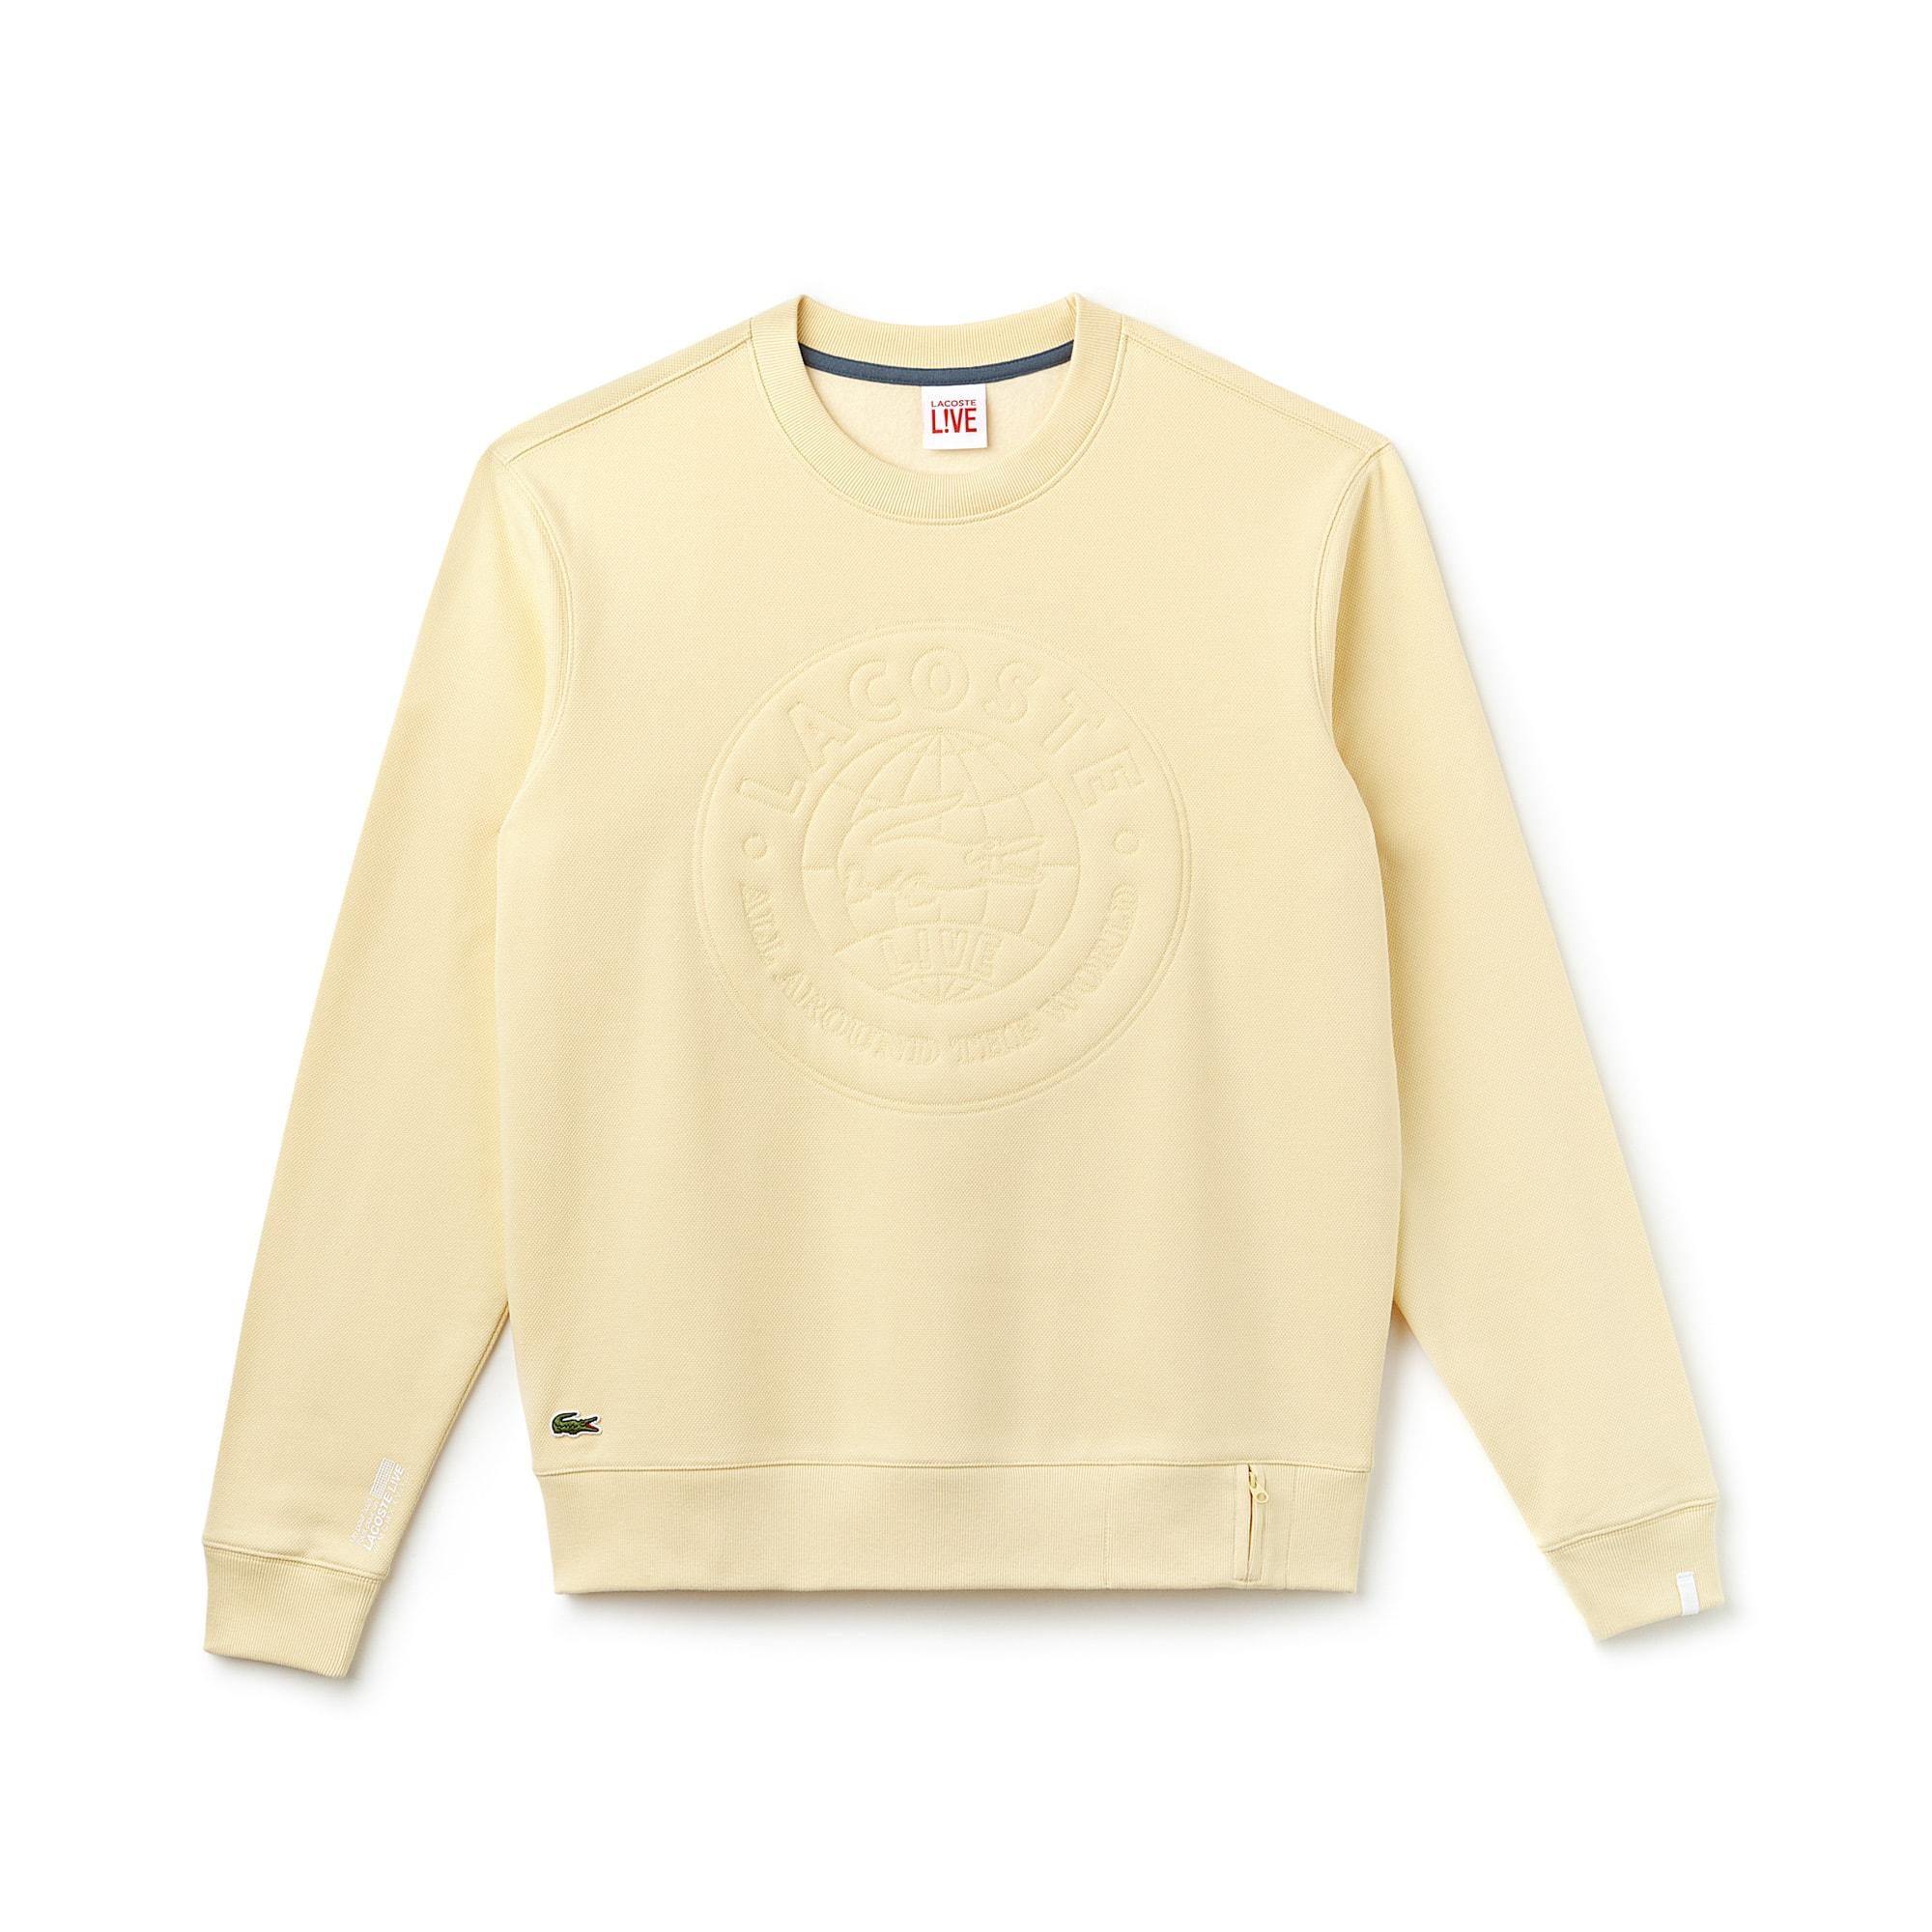 Unisex-Sweatshirt aus Baumwolle im Logo-Design LACOSTE L!VE